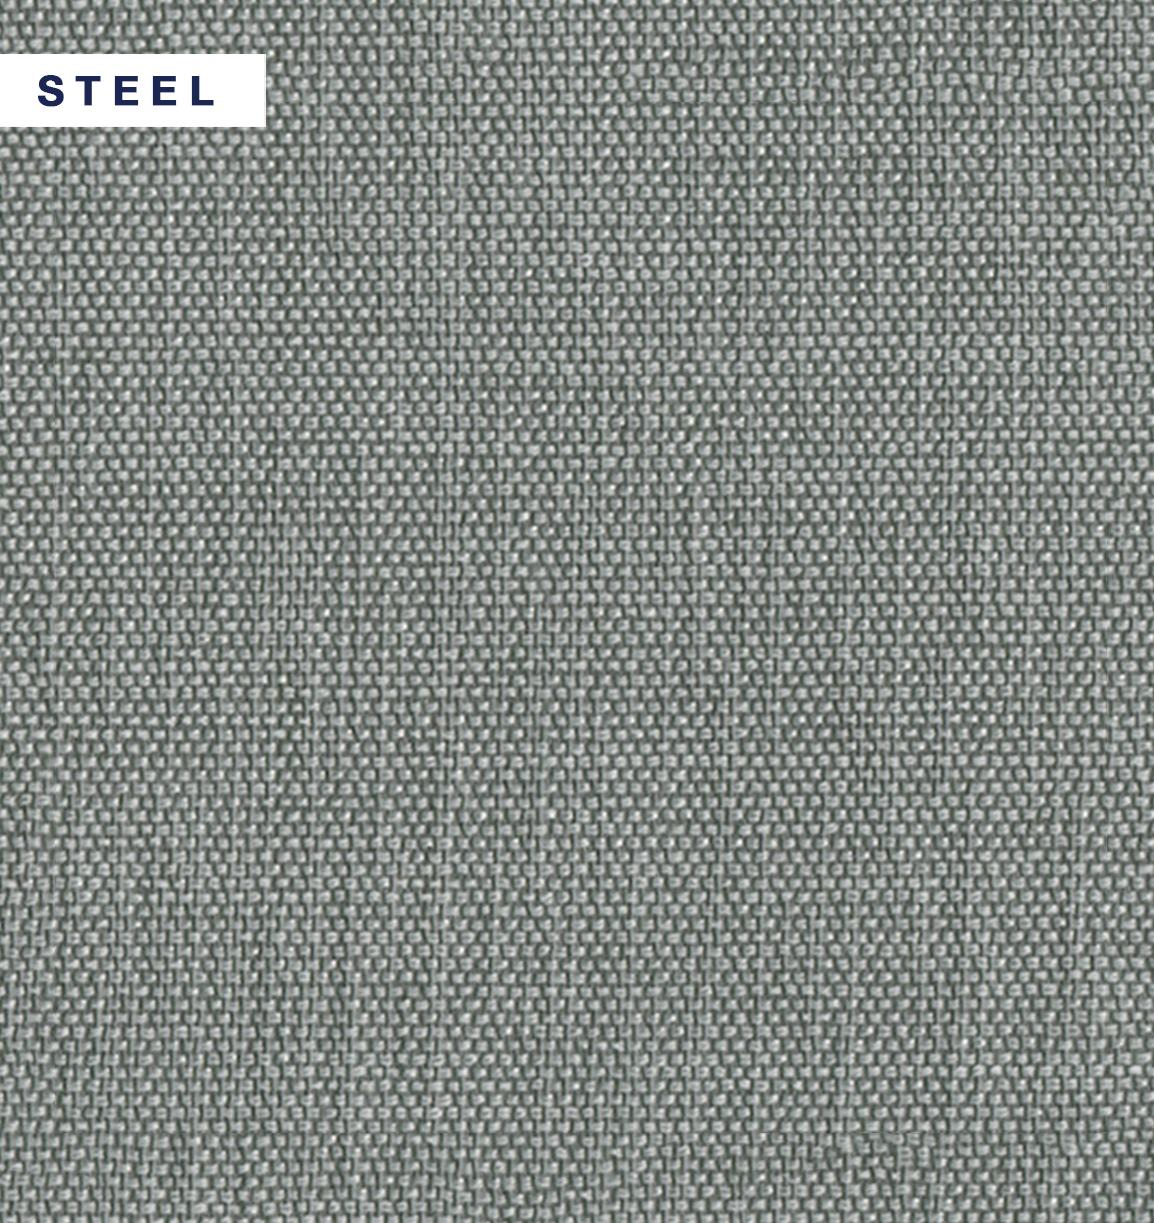 Jersey - Steel.jpg